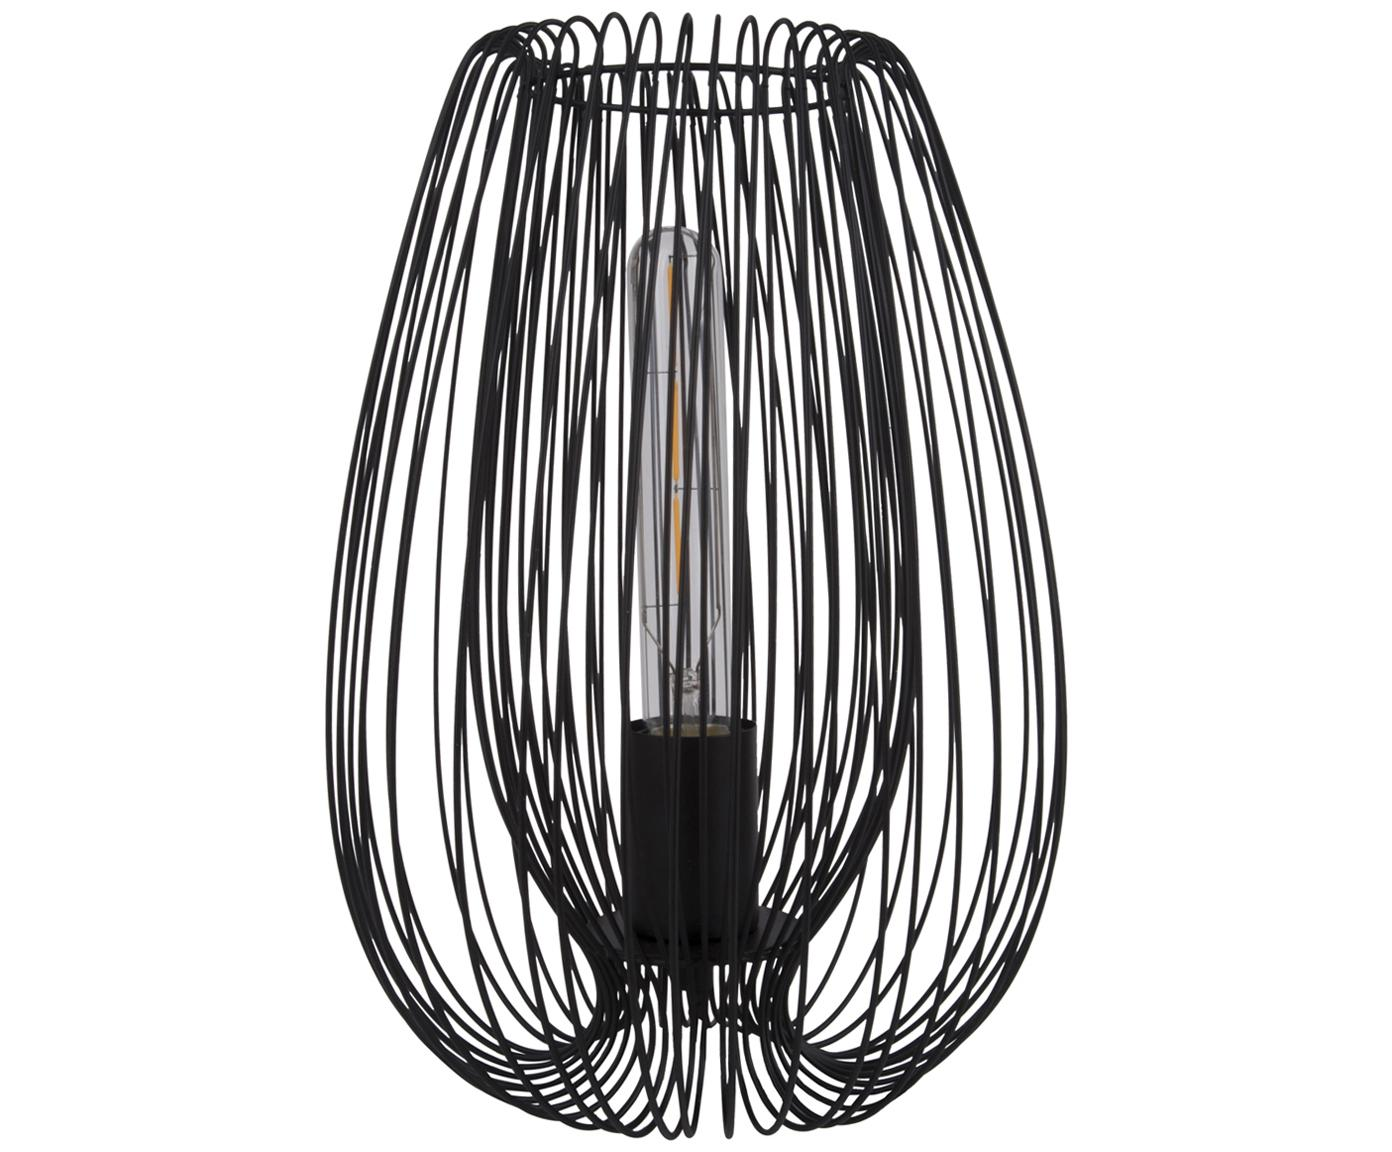 Lampa stołowa retro Lucid, Czarny, Ø 22 x W 33 cm